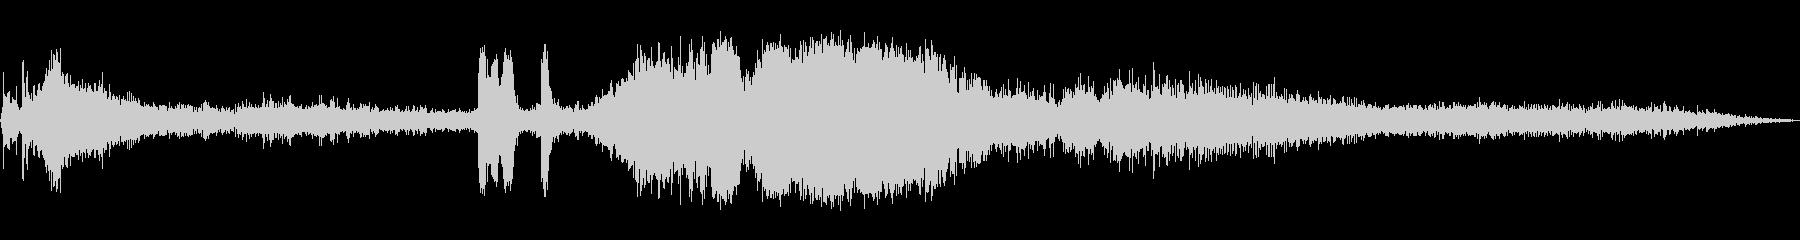 スクールバス:EXT:スタート、ア...の未再生の波形